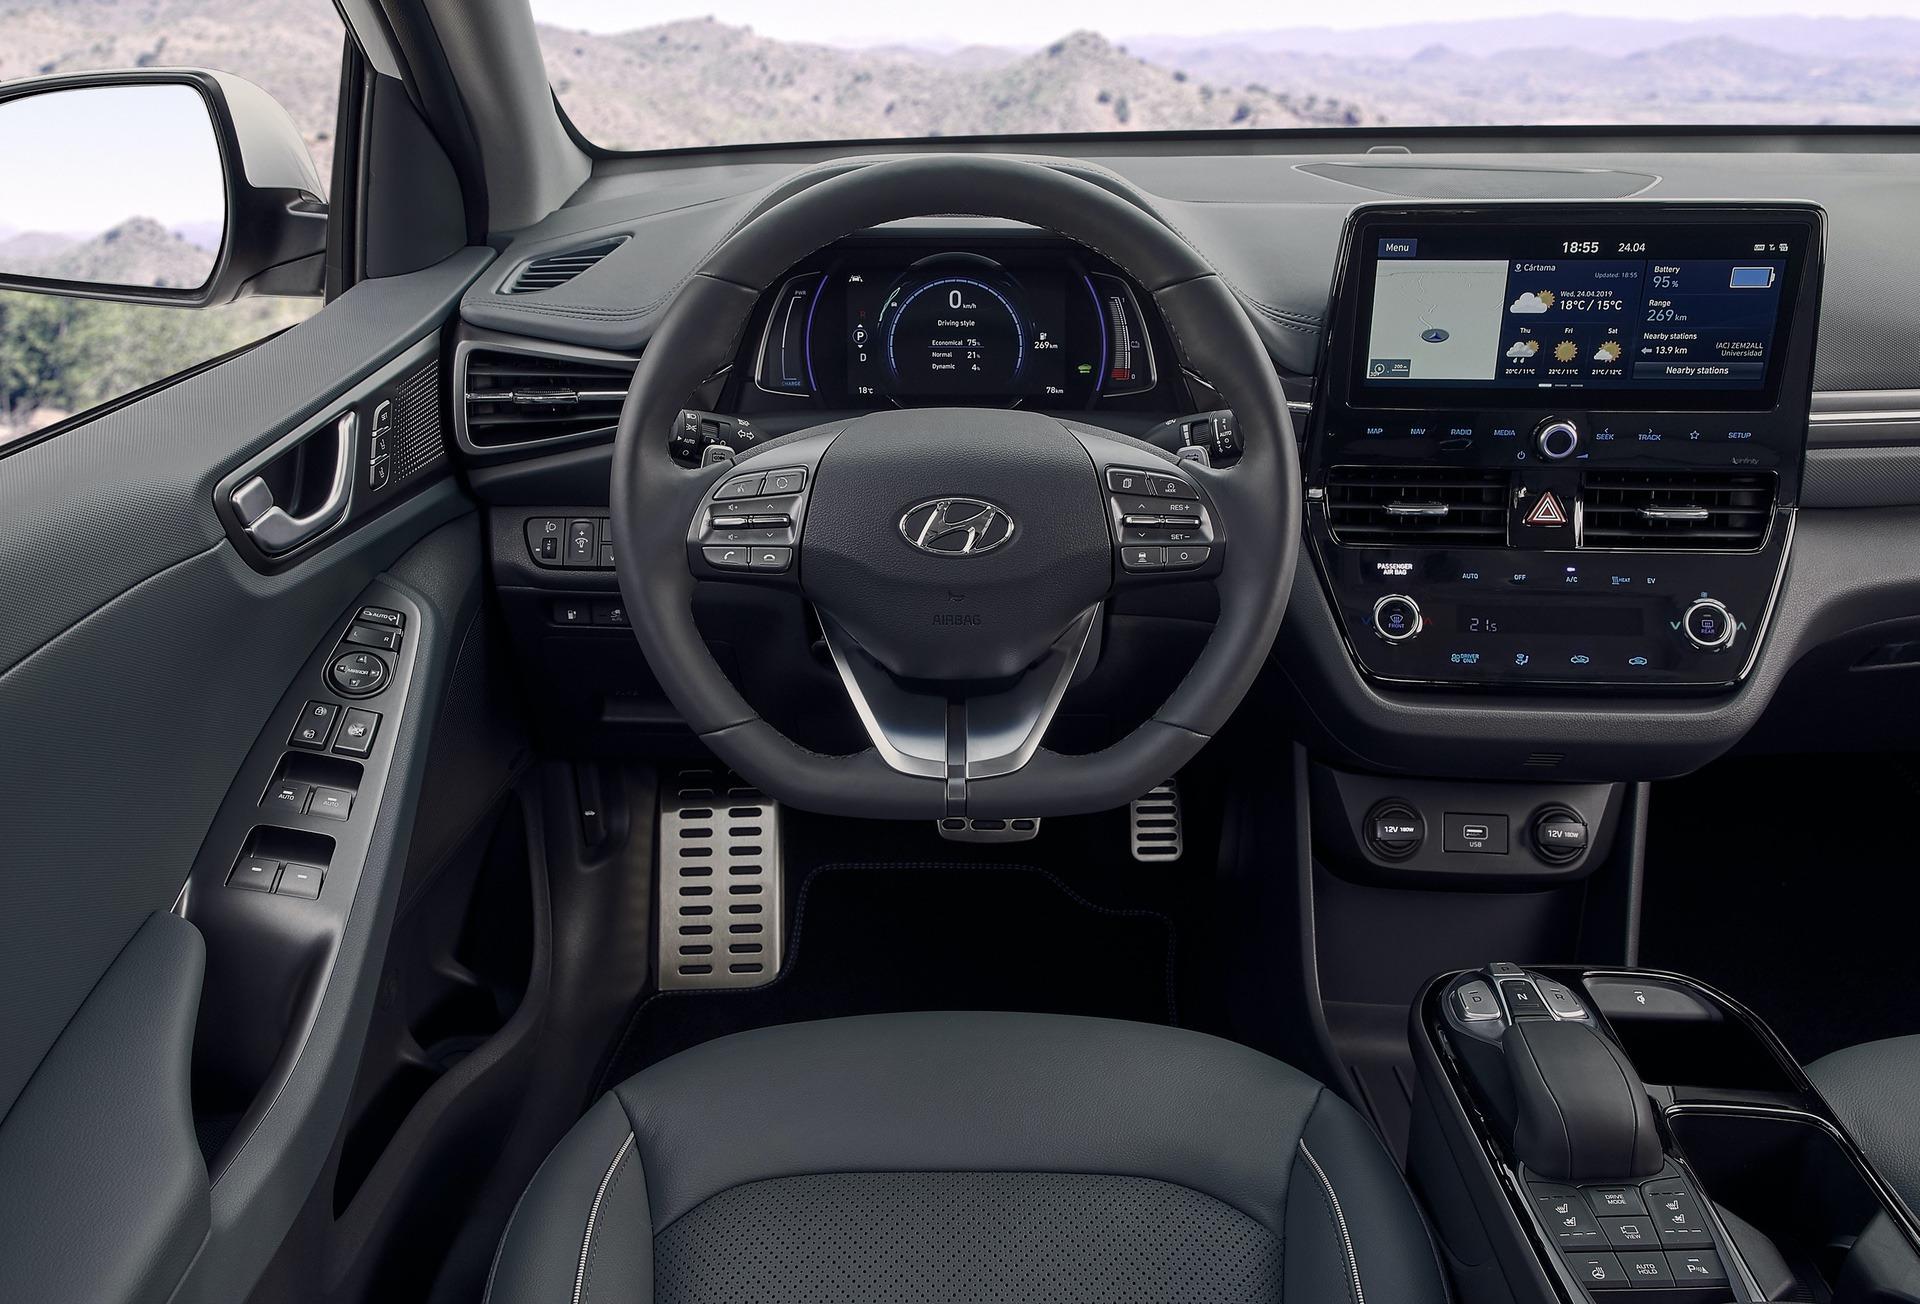 New-Hyundai-IONIQ-Electric-Interior-3